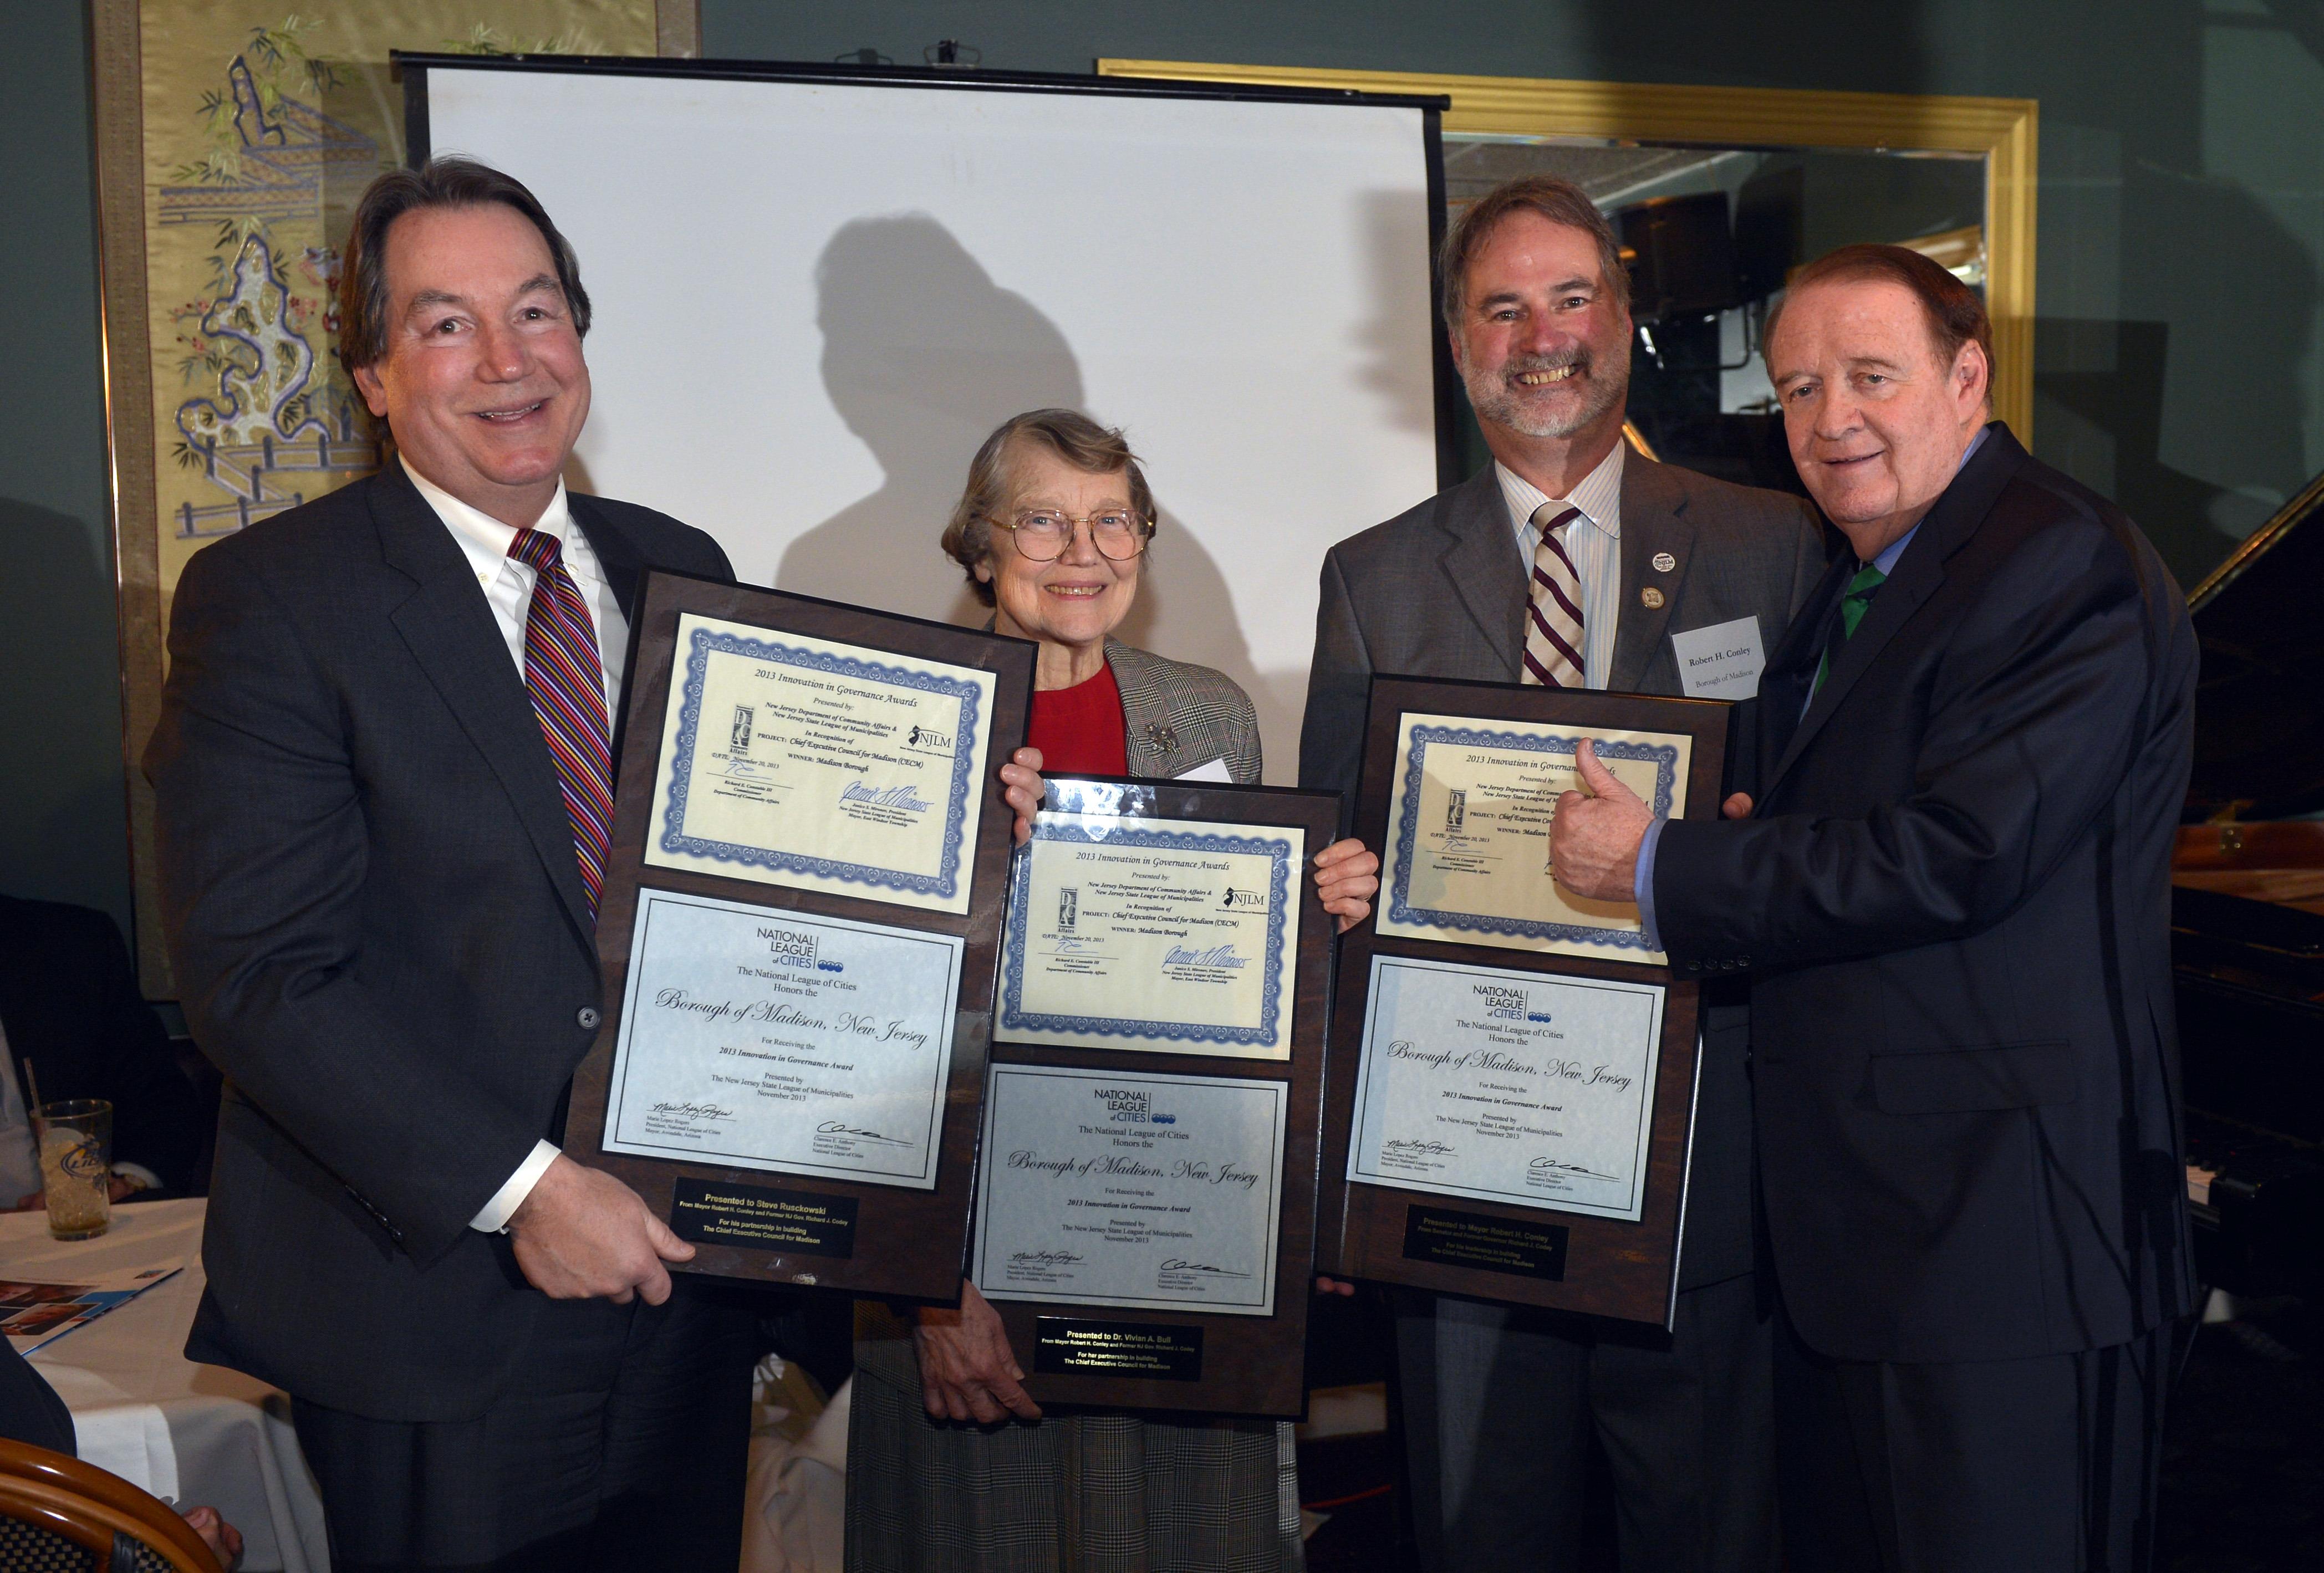 afab5d468b68ca9eecdd_CECM_Co-Chairs_Receiving_Award.jpg